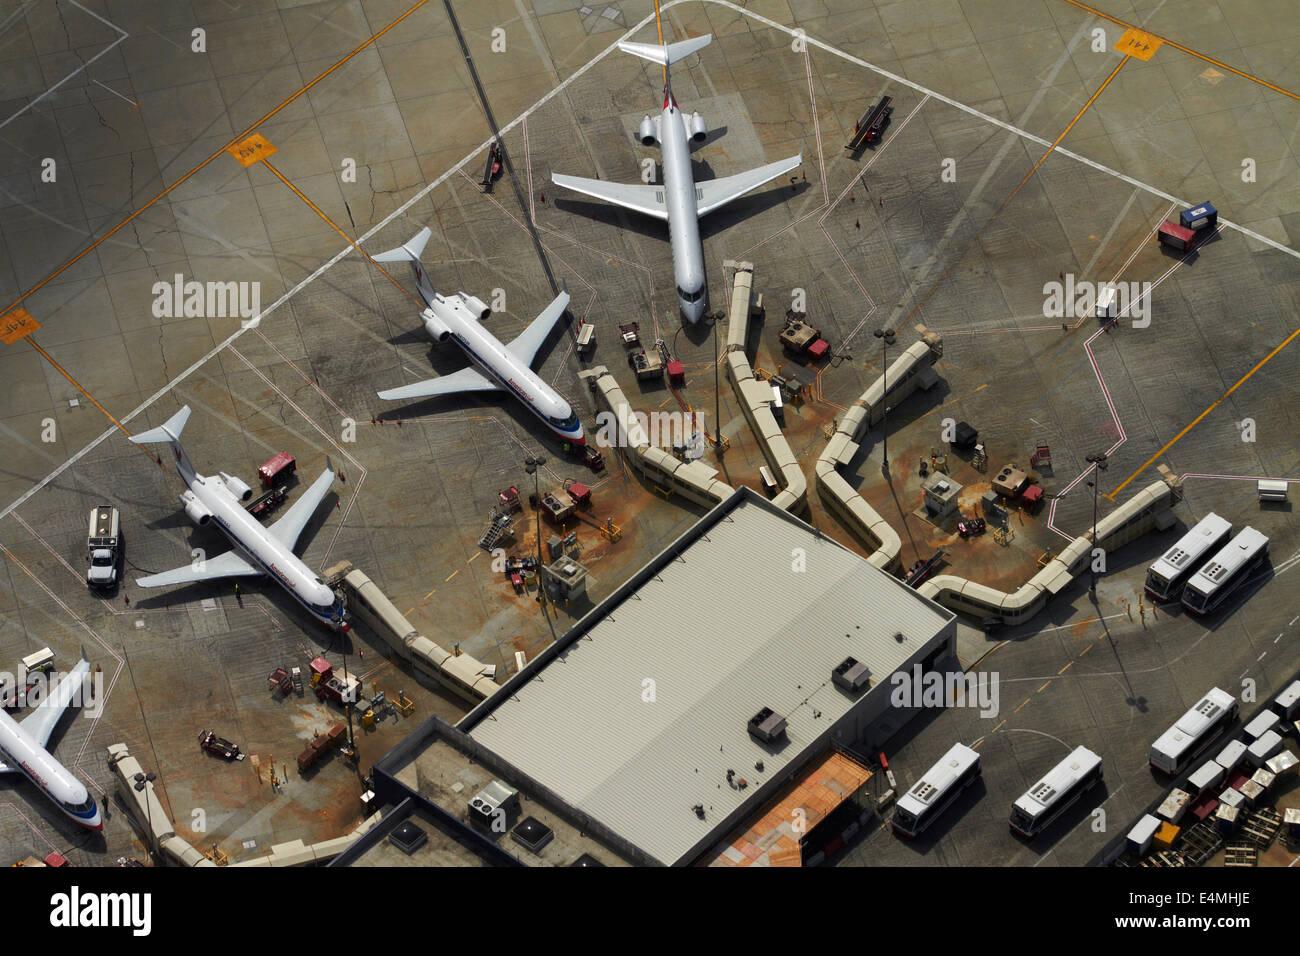 American Eagle aviones y terminal en el Aeropuerto Internacional de Los Ángeles (LAX), Los Angeles, California, Foto de stock